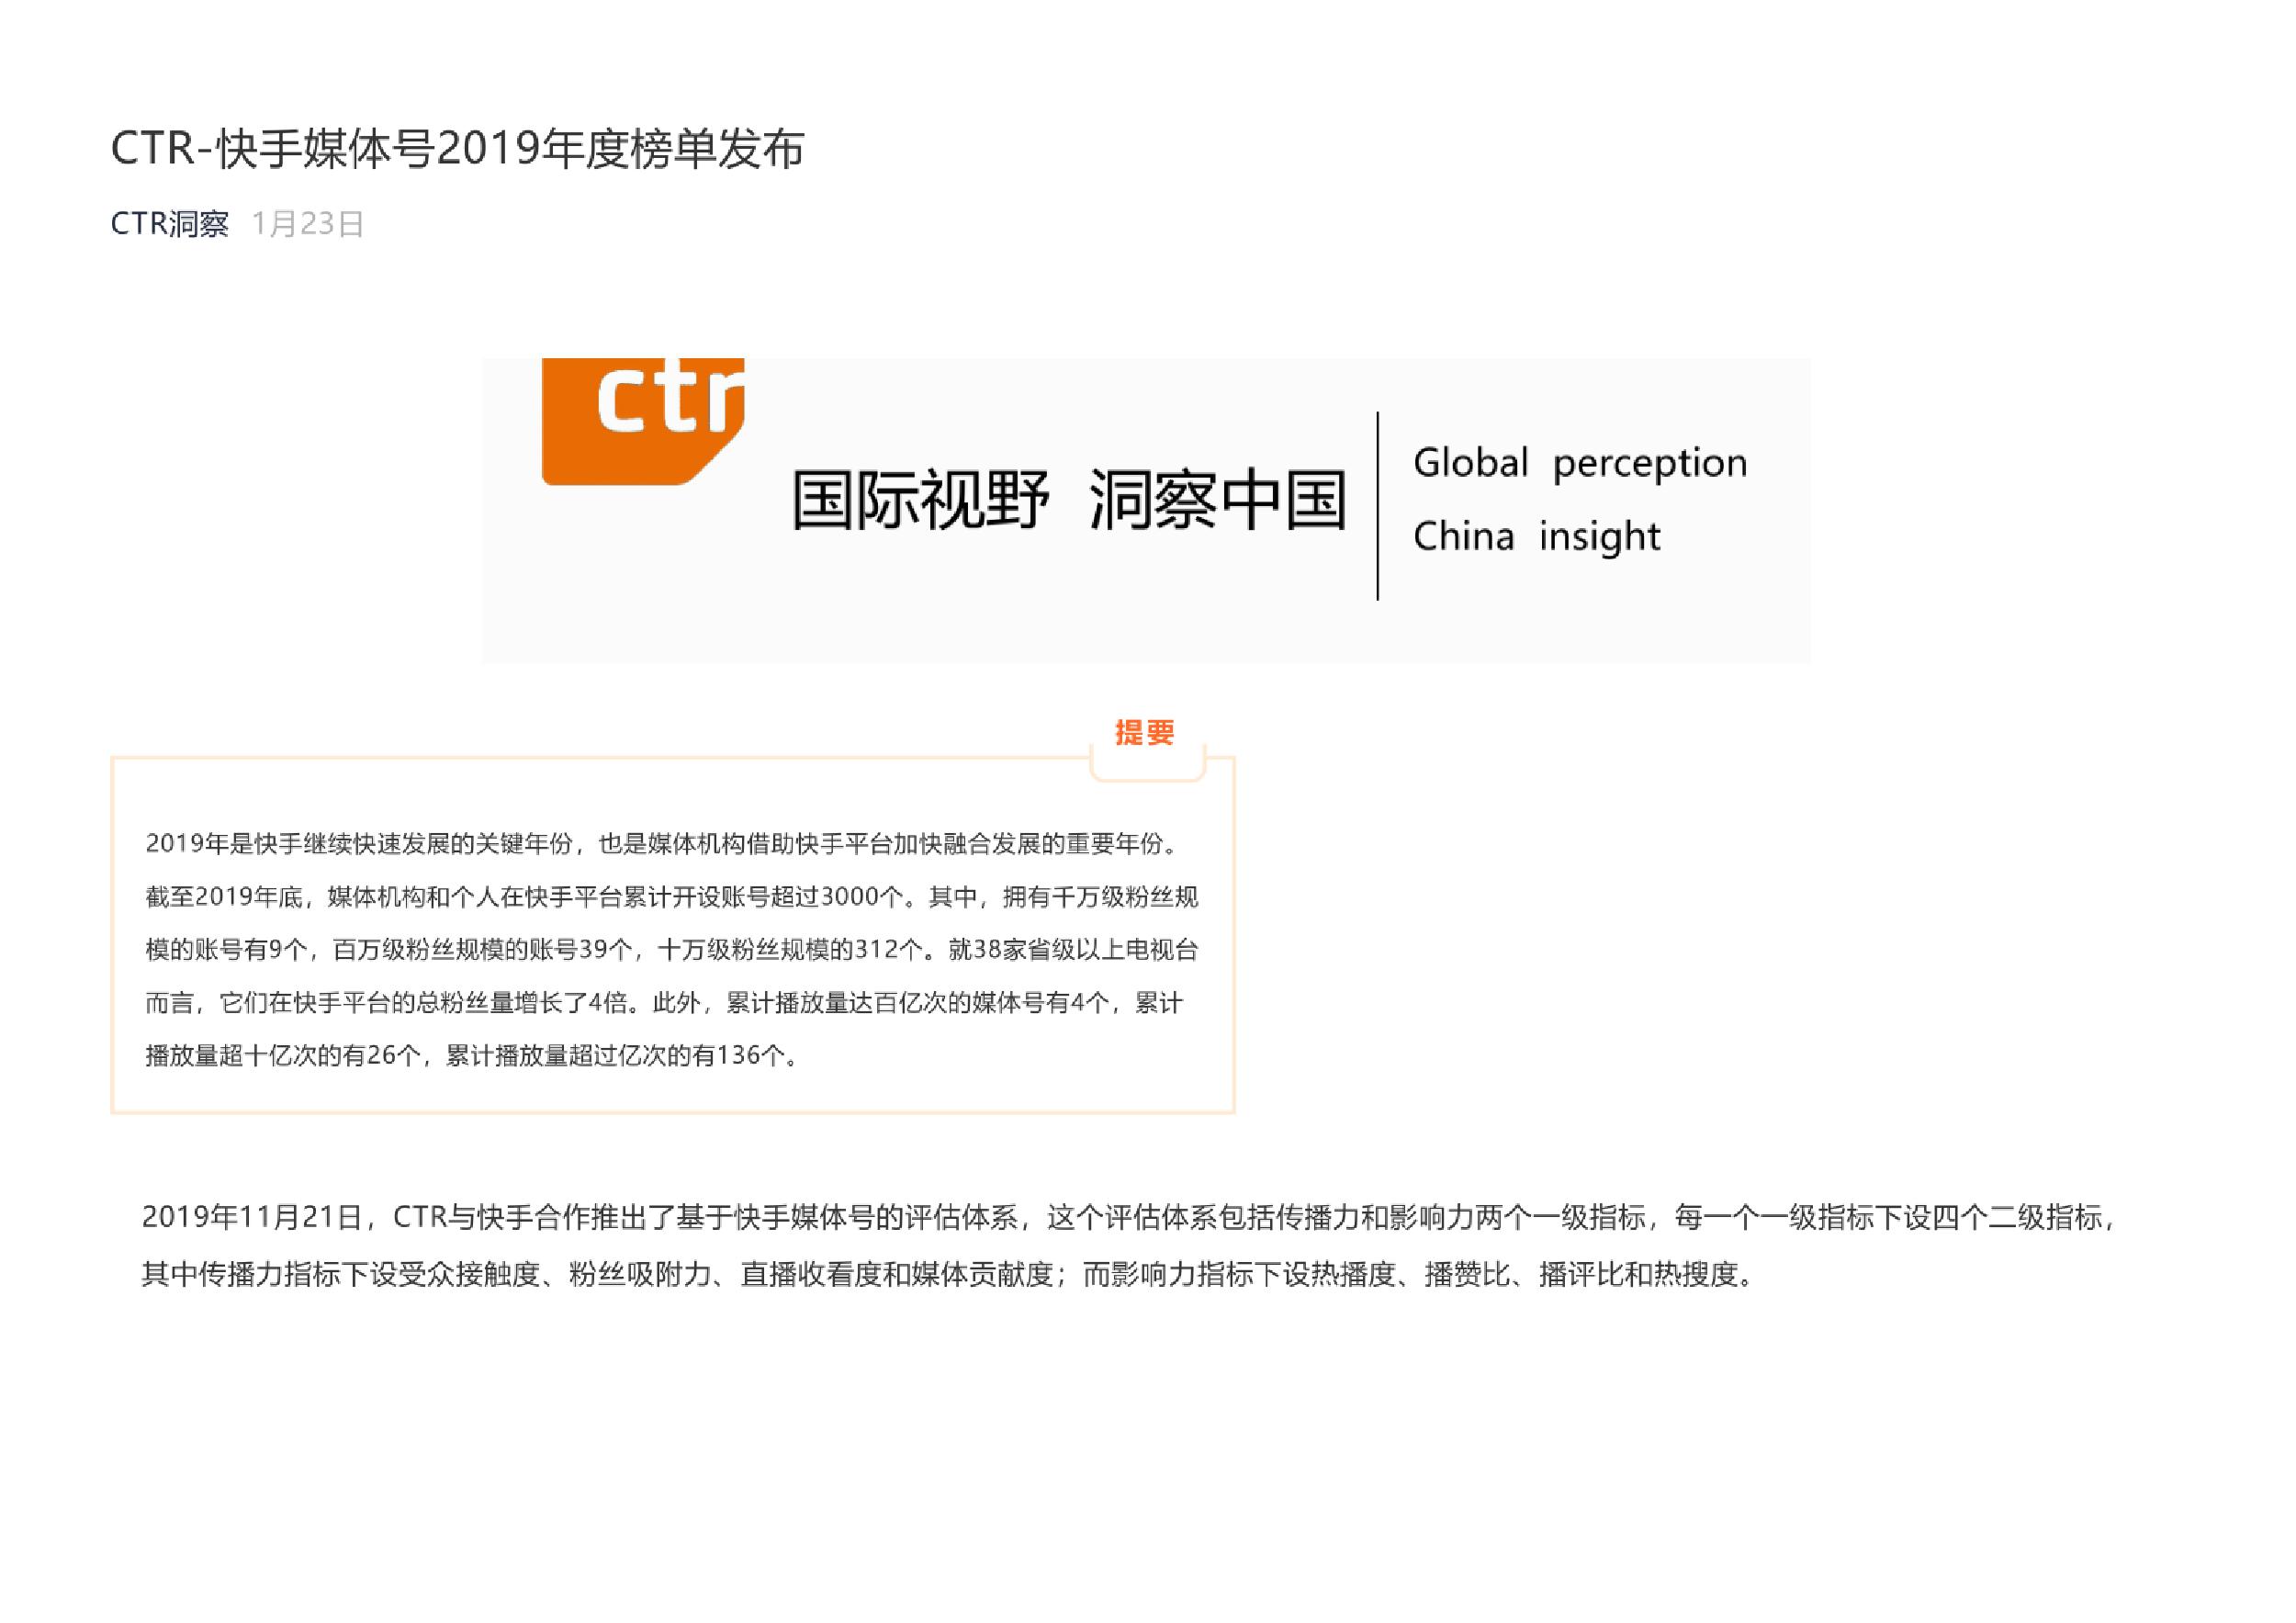 CTR-快手媒体号2019年度榜单